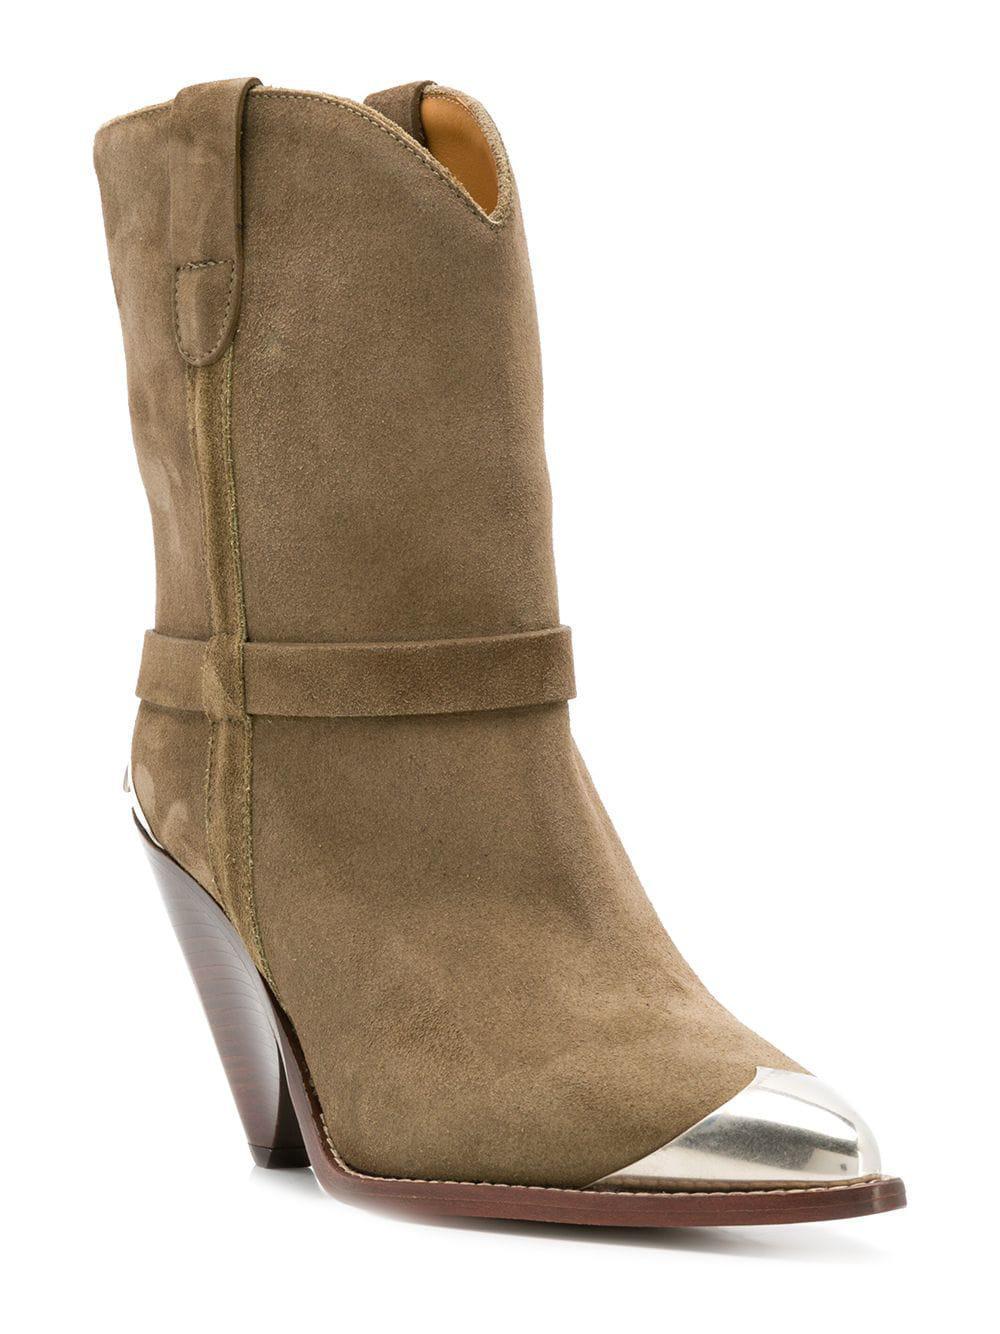 51de0eed19c Lyst - Isabel Marant Lambsy Boots